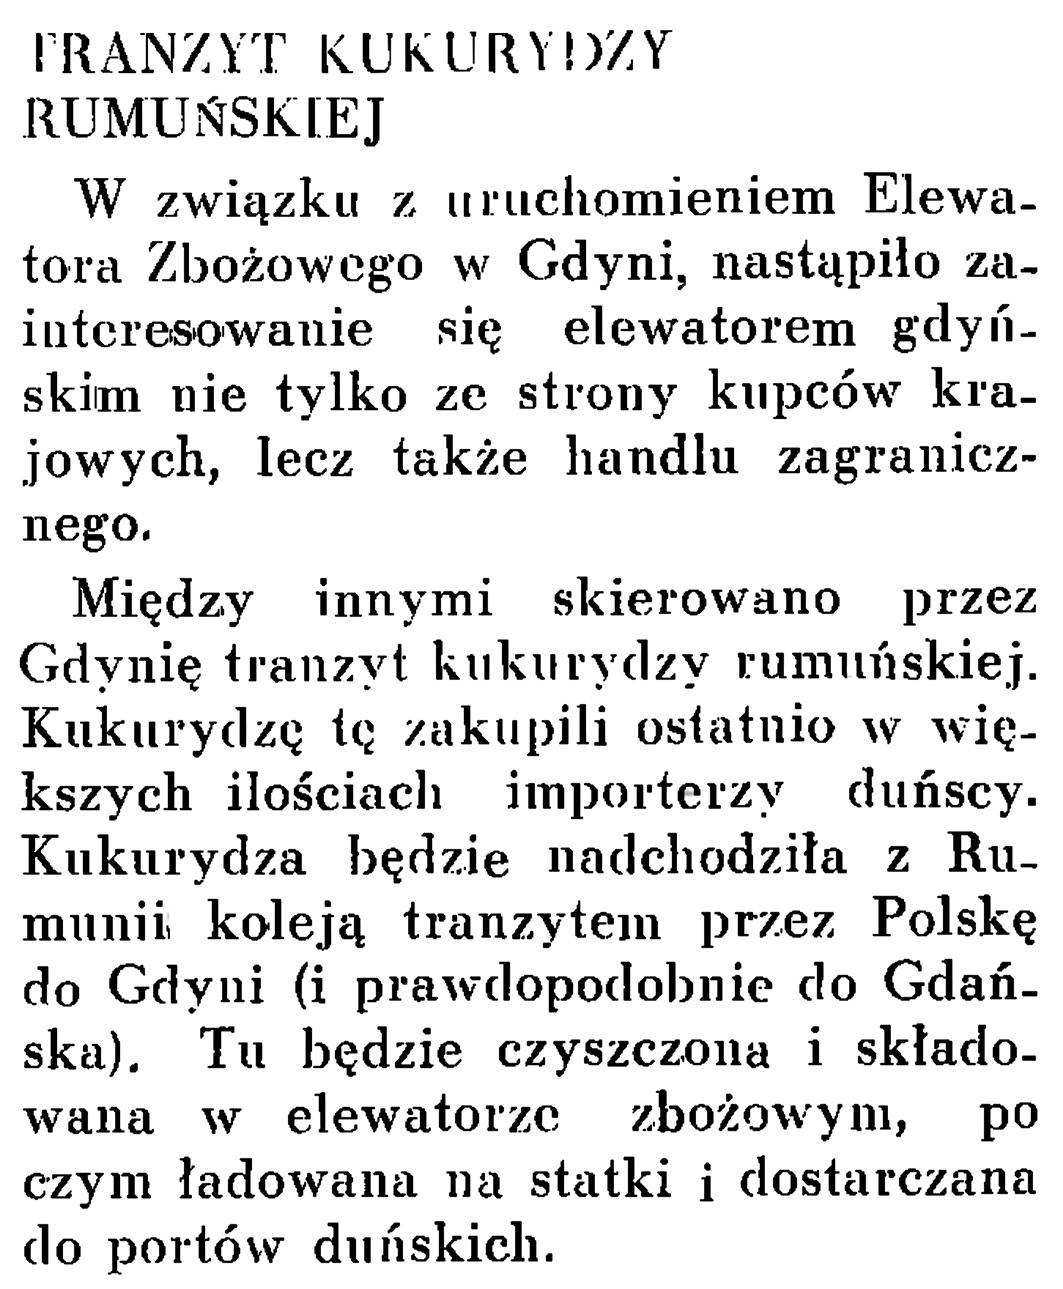 Tranzyt kukurydzy rumuńskiej // Wiadomości Portu Gdyńskiego. - 1937, nr 12, s. 18